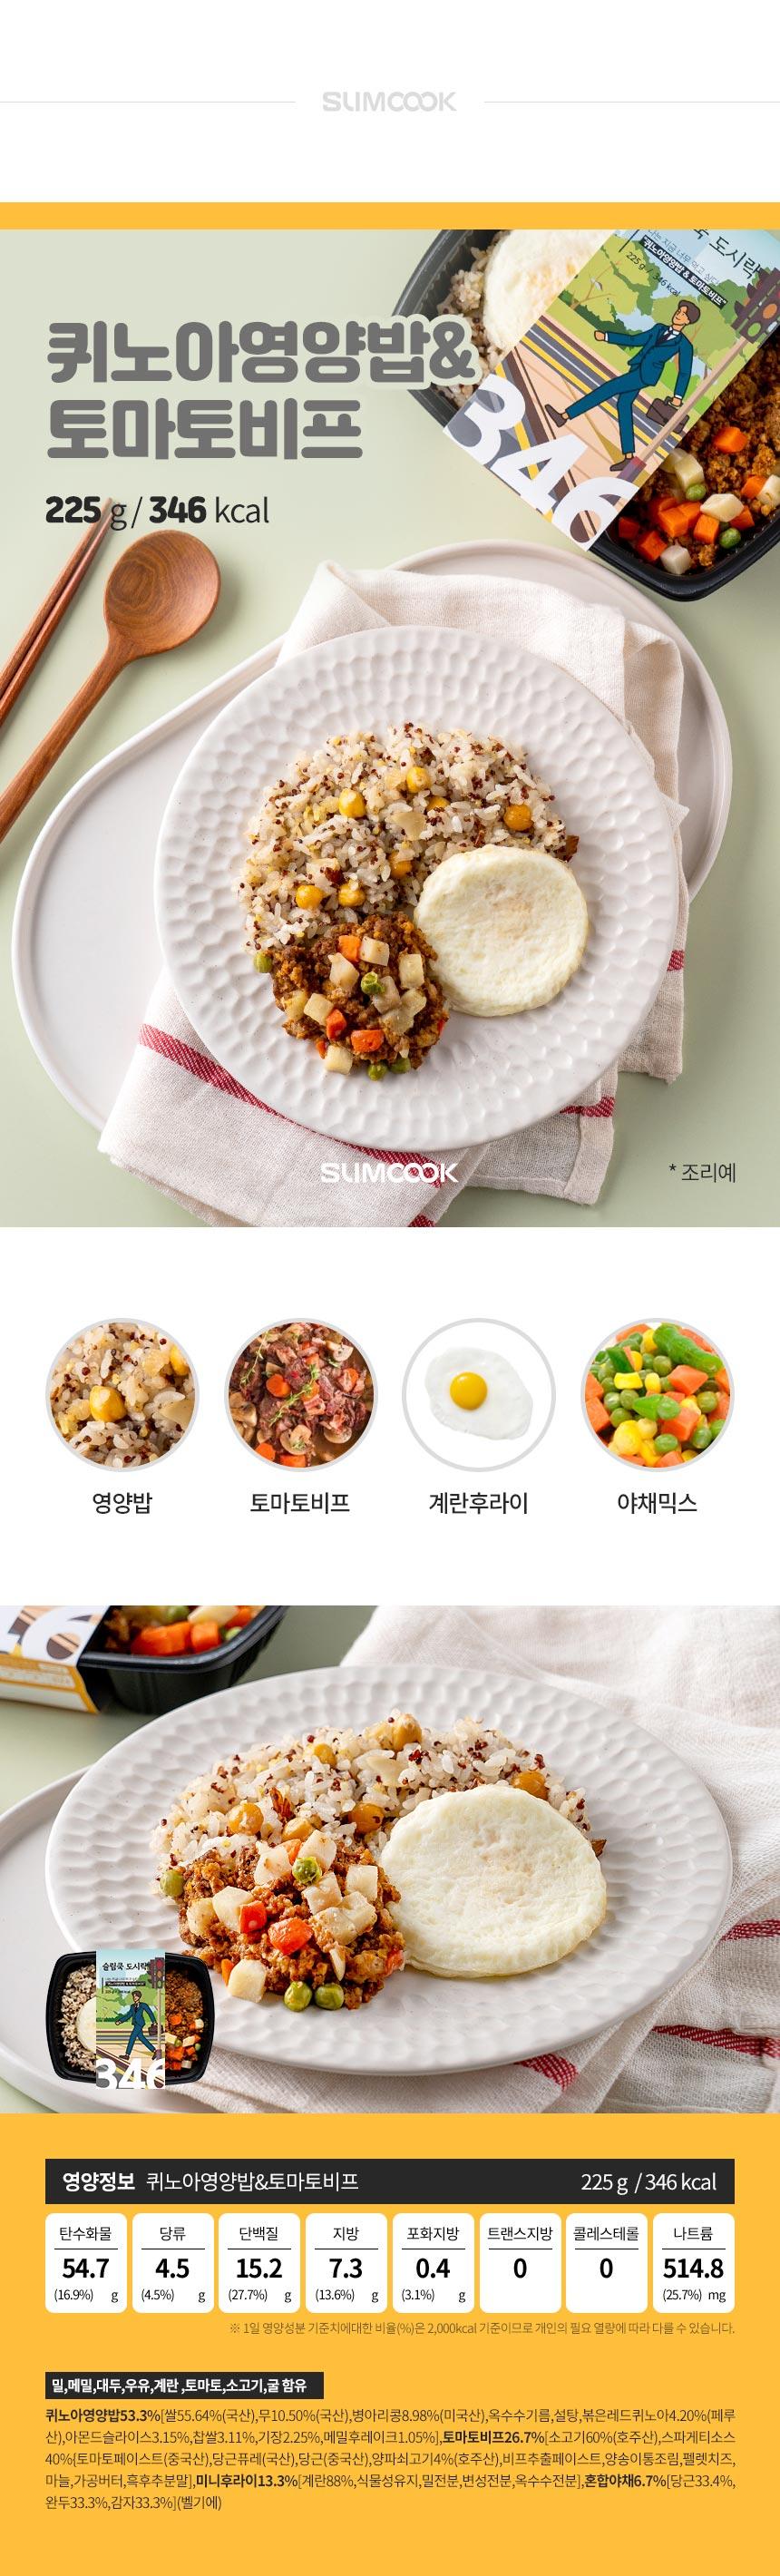 슬림쿡 냉동도시락 퀴노아영양밥&토마토비프